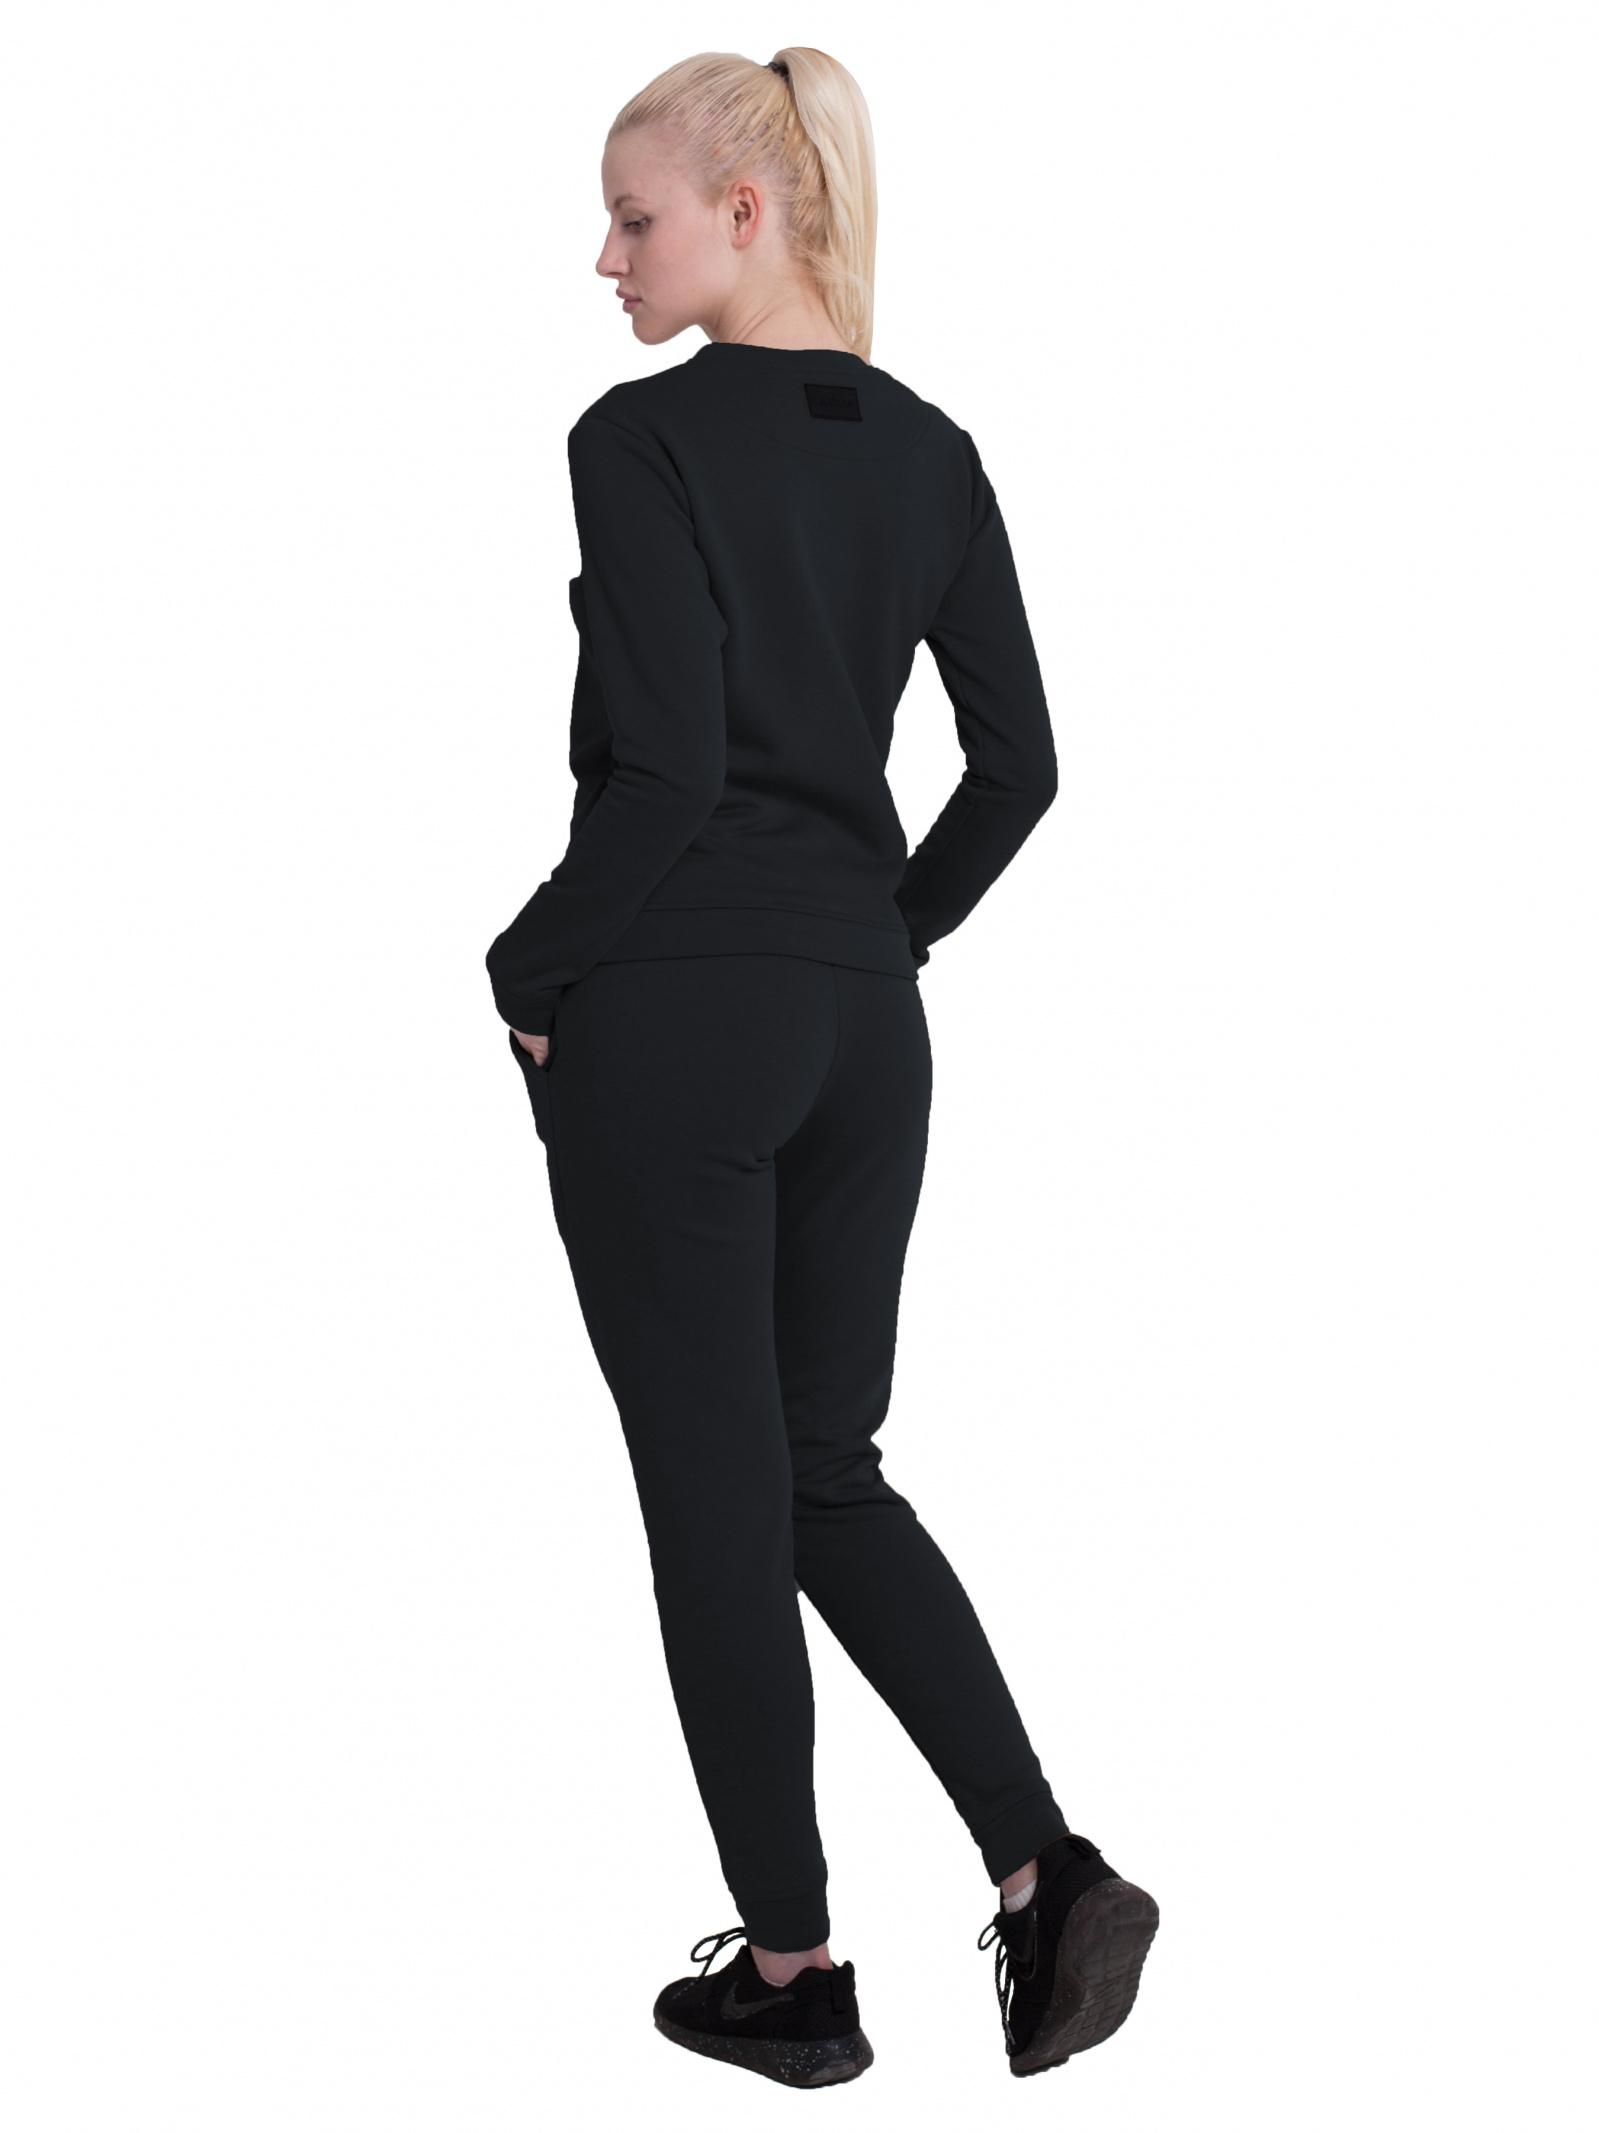 KARUA Костюм (спорт) жіночі модель S-00251 ціна, 2017